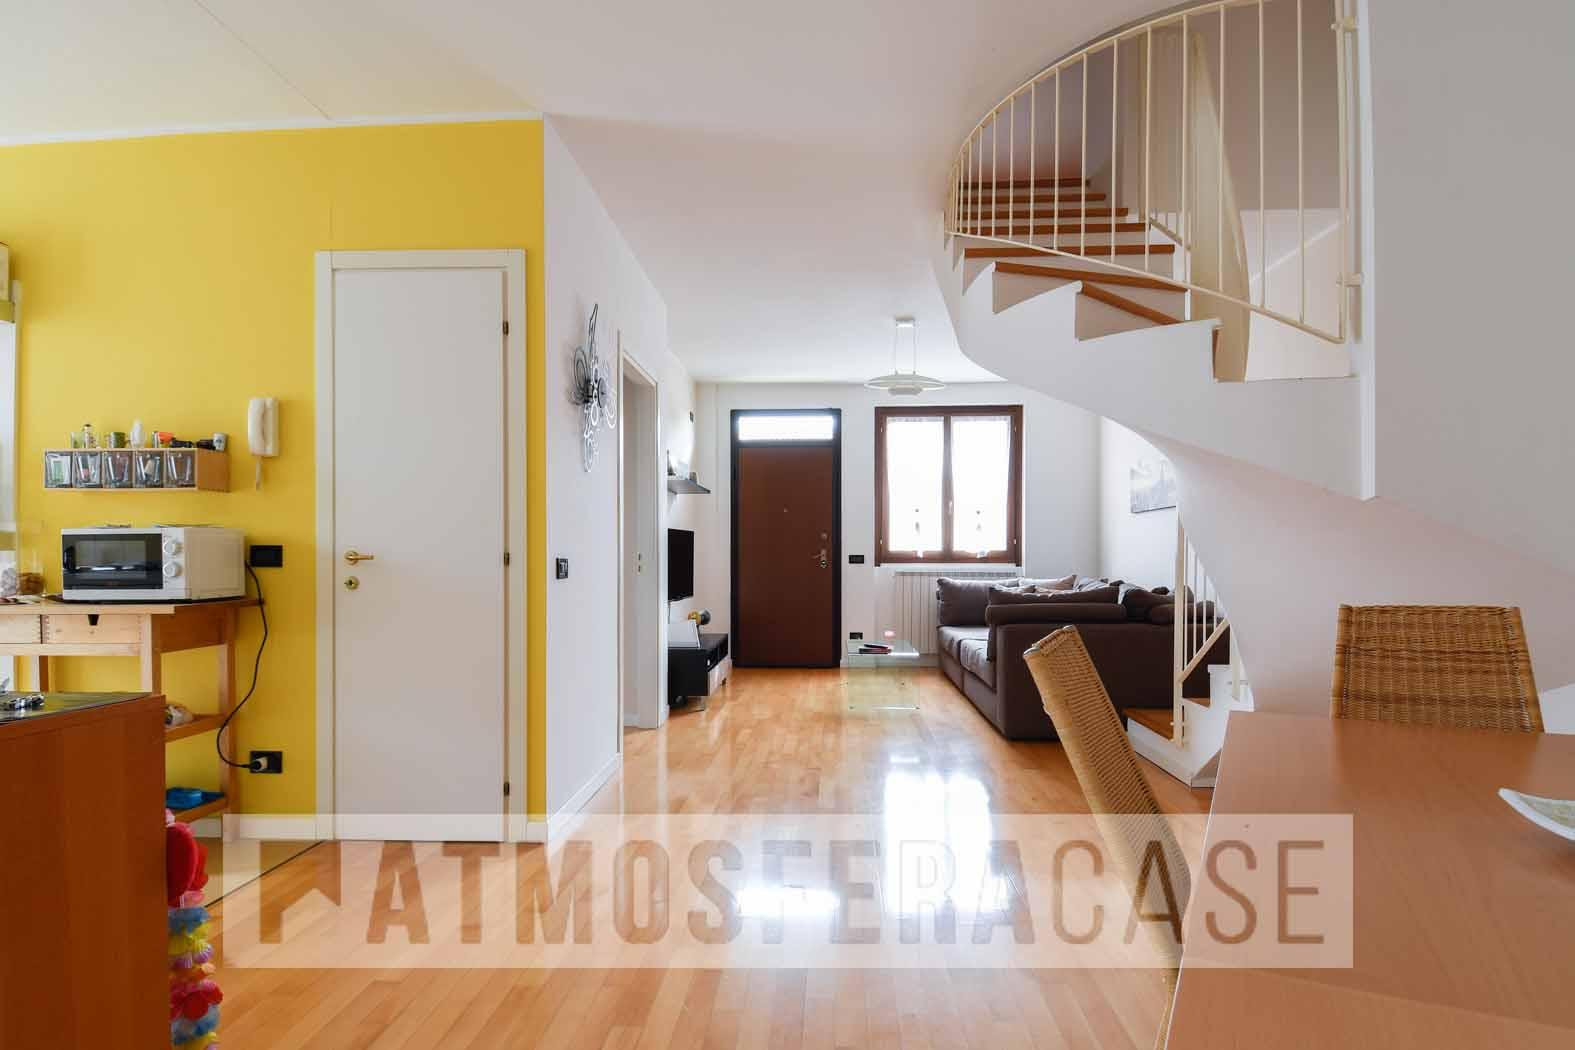 Appartamento in vendita a Brembate di Sopra, 4 locali, prezzo € 159.000 | CambioCasa.it